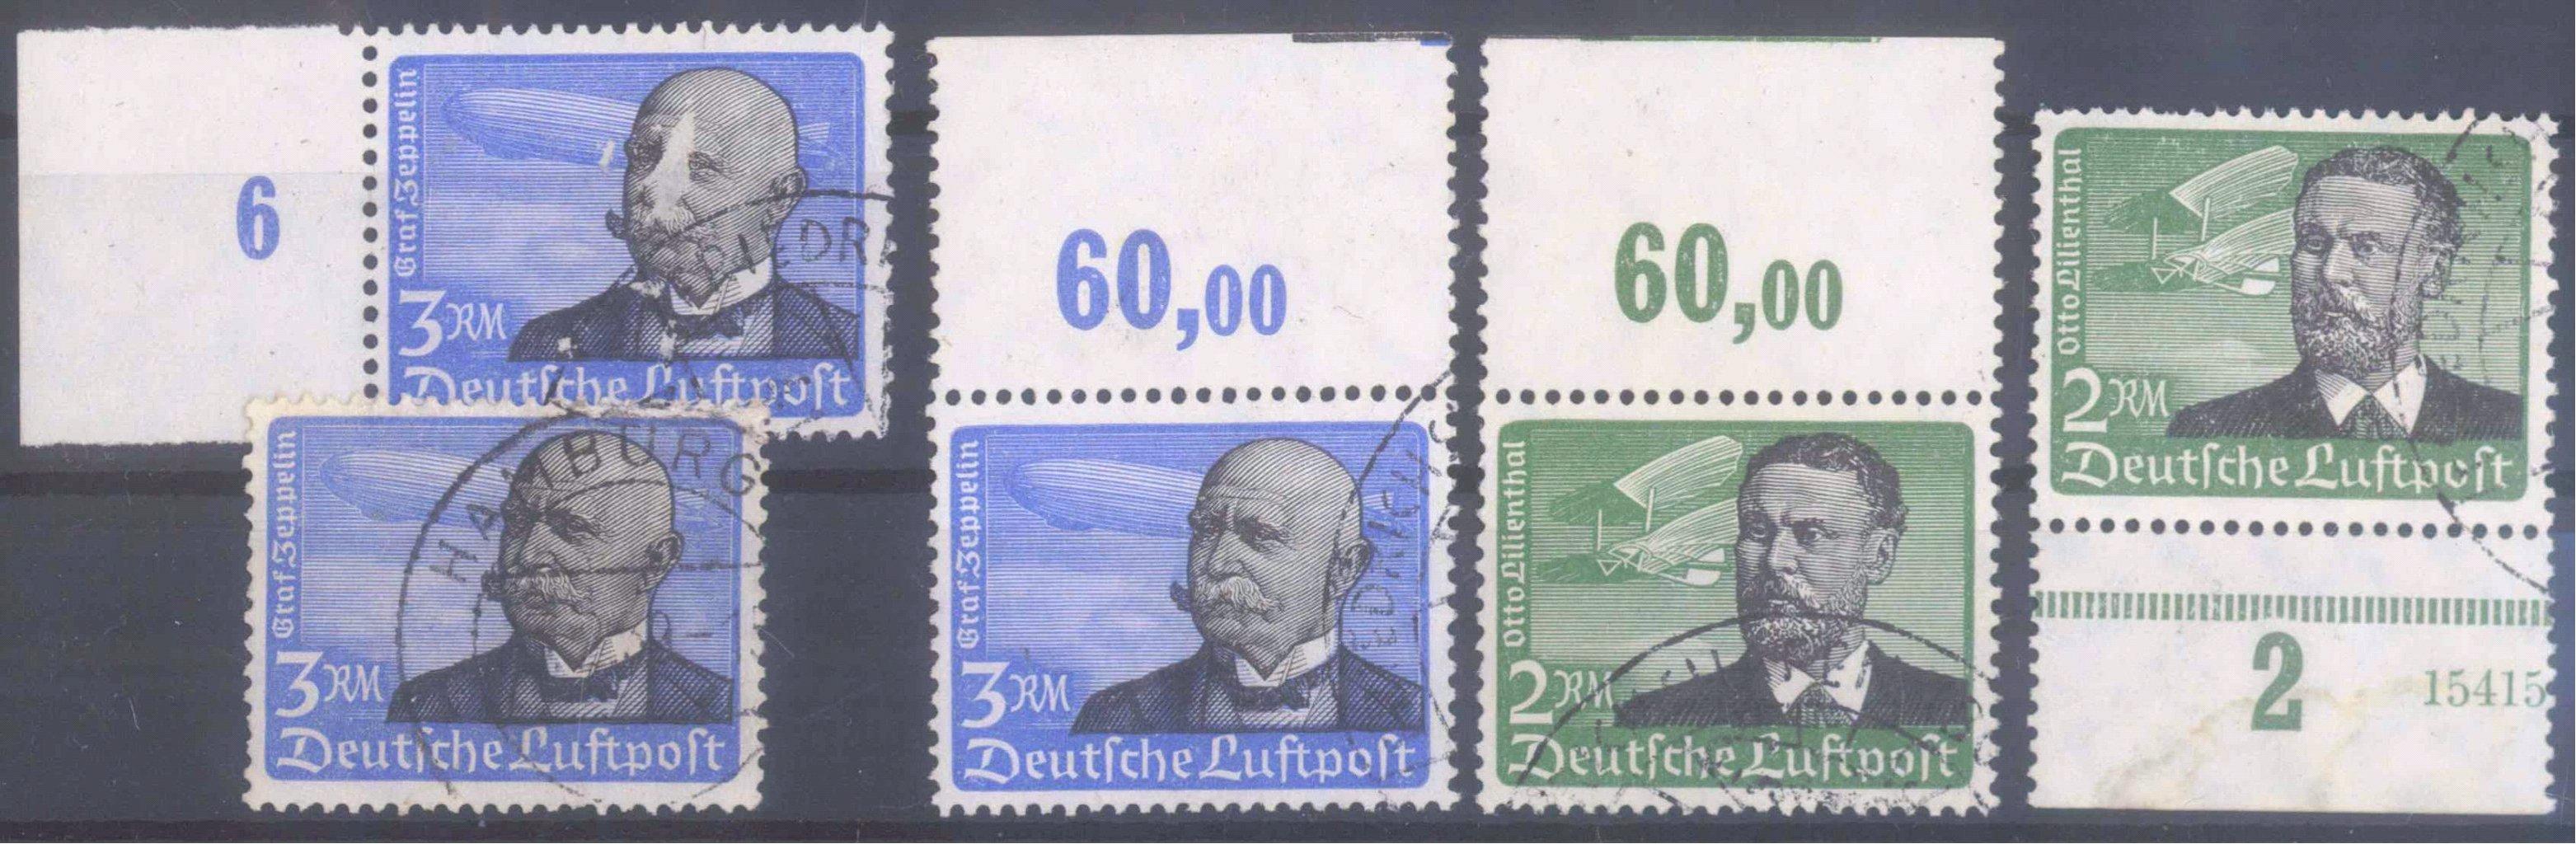 Deutsches Reich, Michel 538 und 539 gestempelt mit RSt